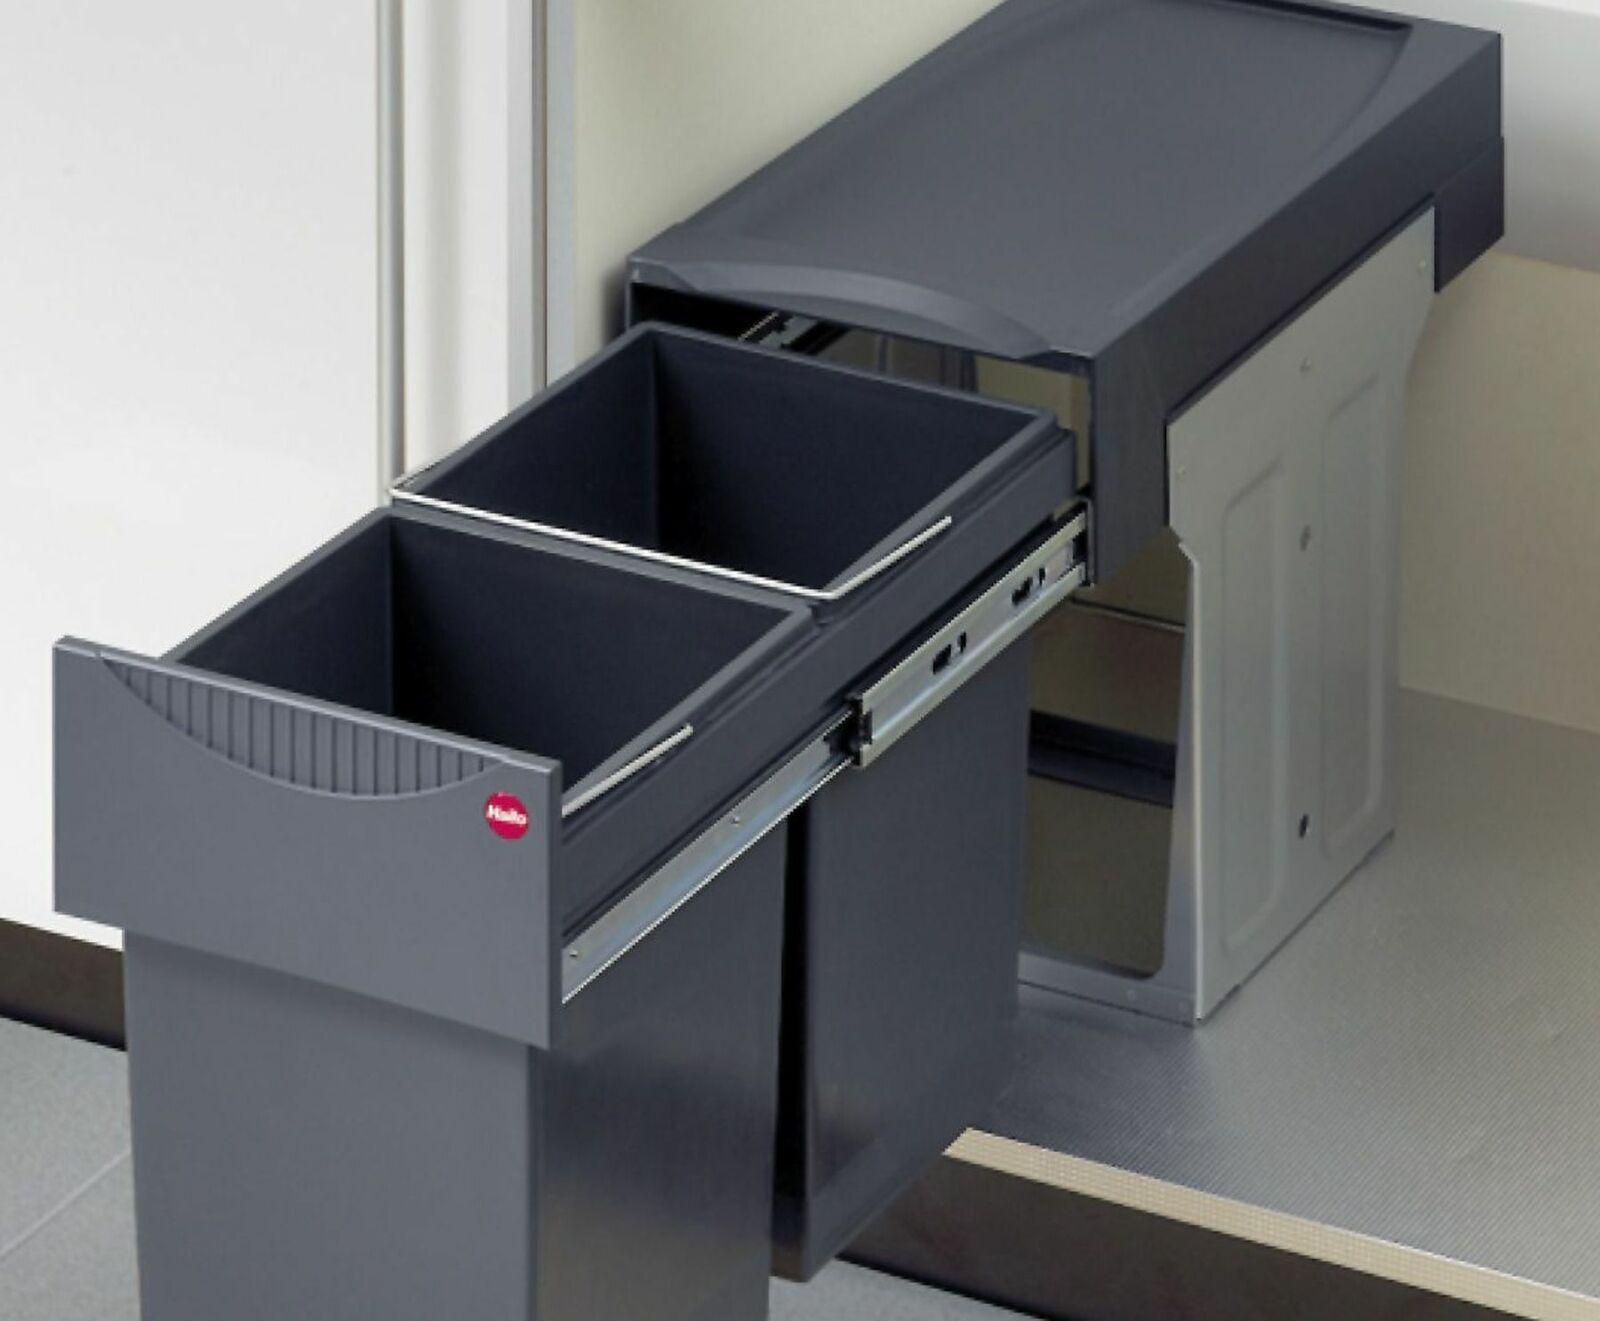 Full Size of Müllsystem Mlleimer Abfalleimer Kche 2x15 Liter Hailo Mllsystem Küche Wohnzimmer Müllsystem